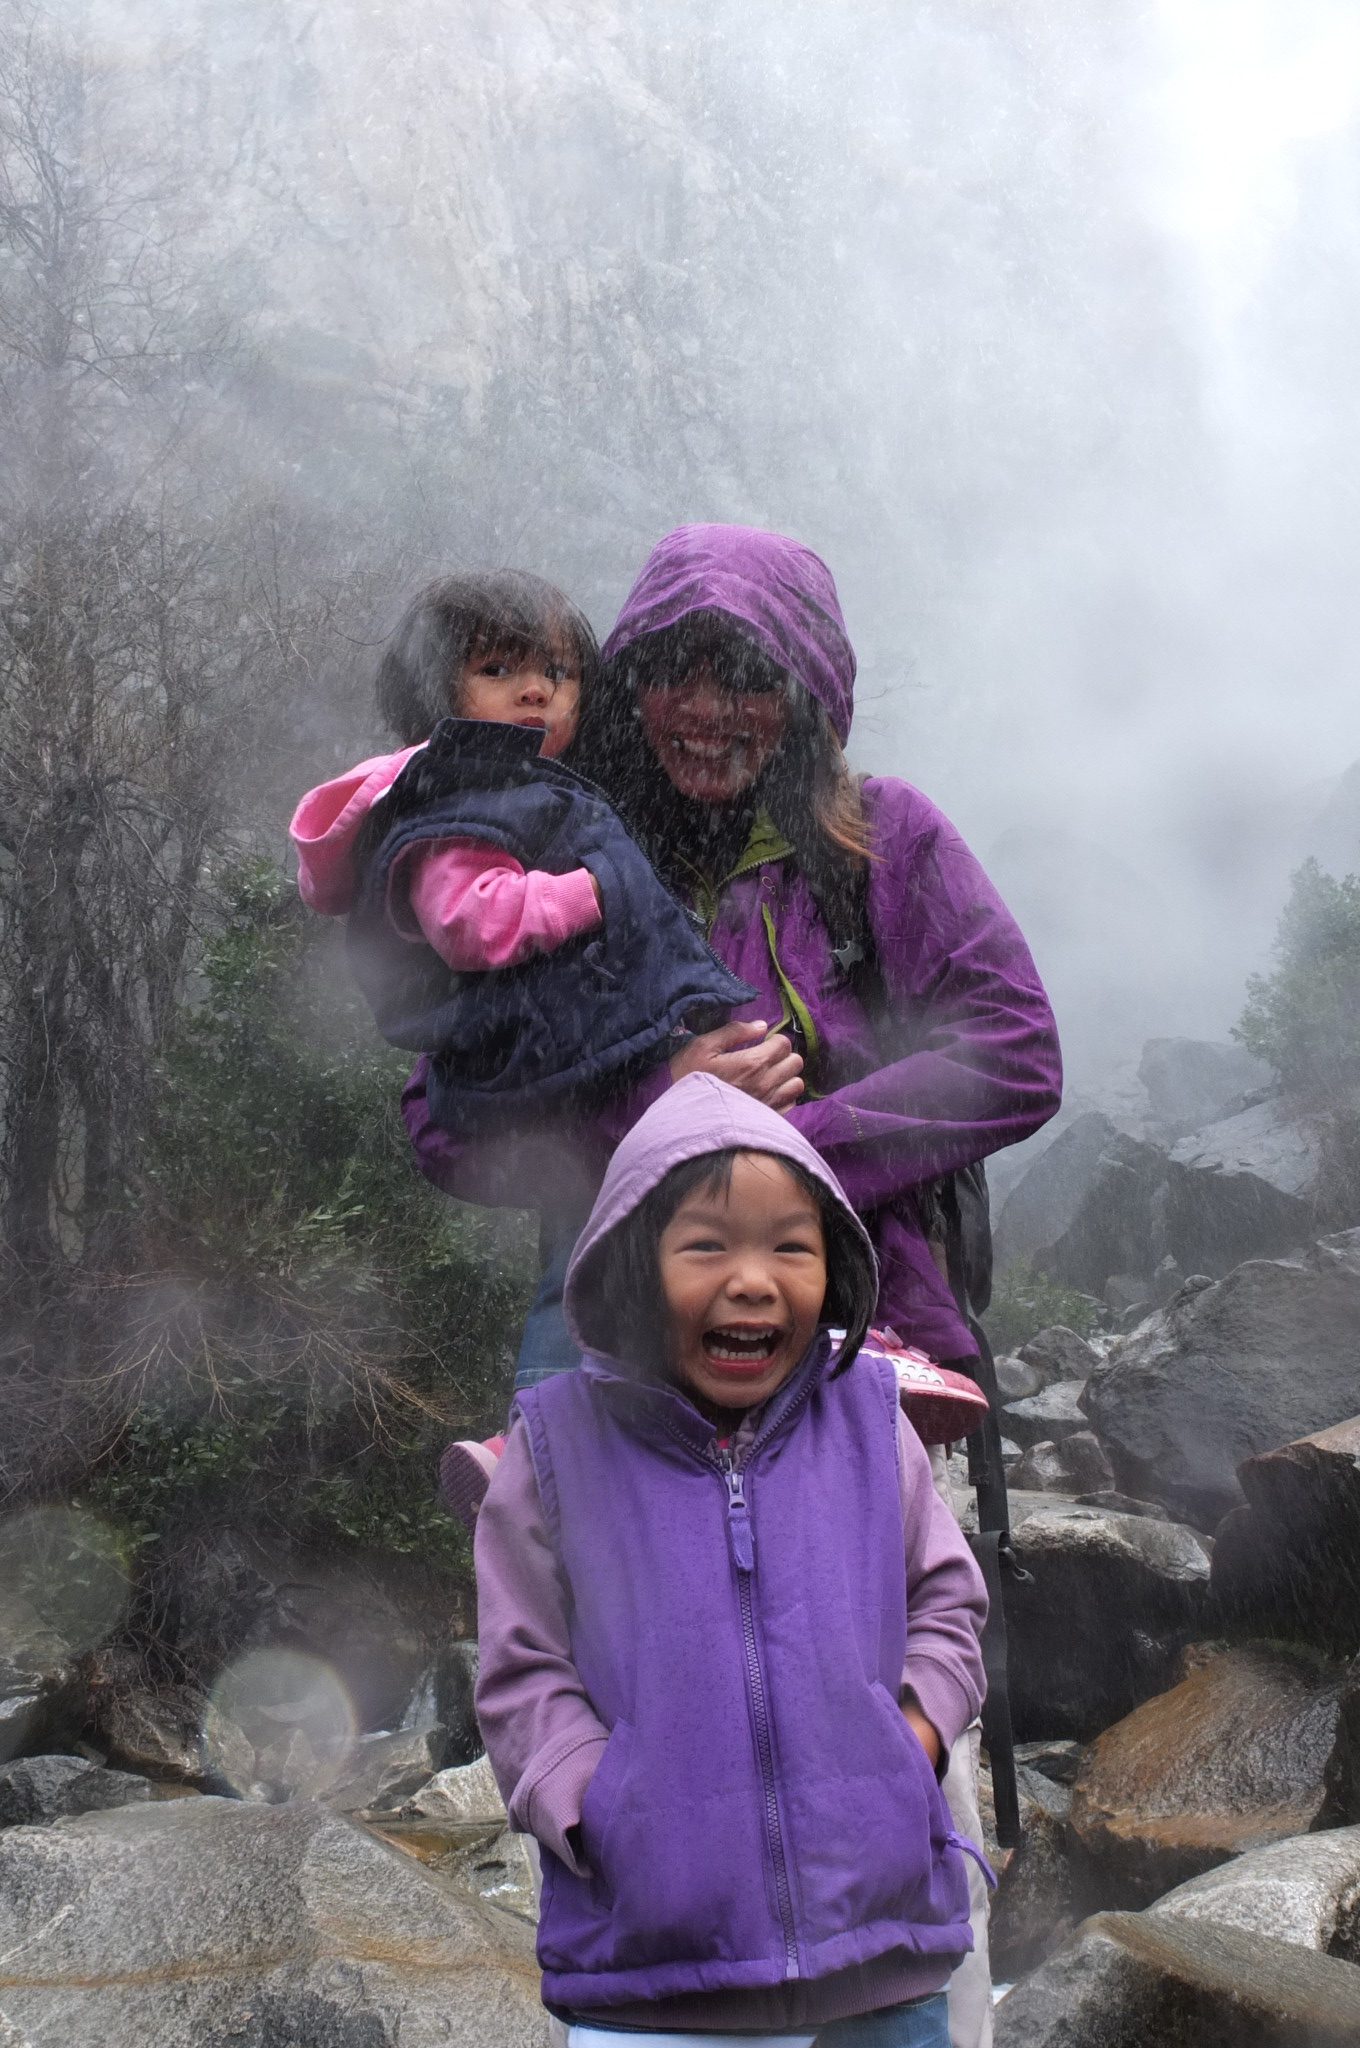 At Bridalveil waterfall